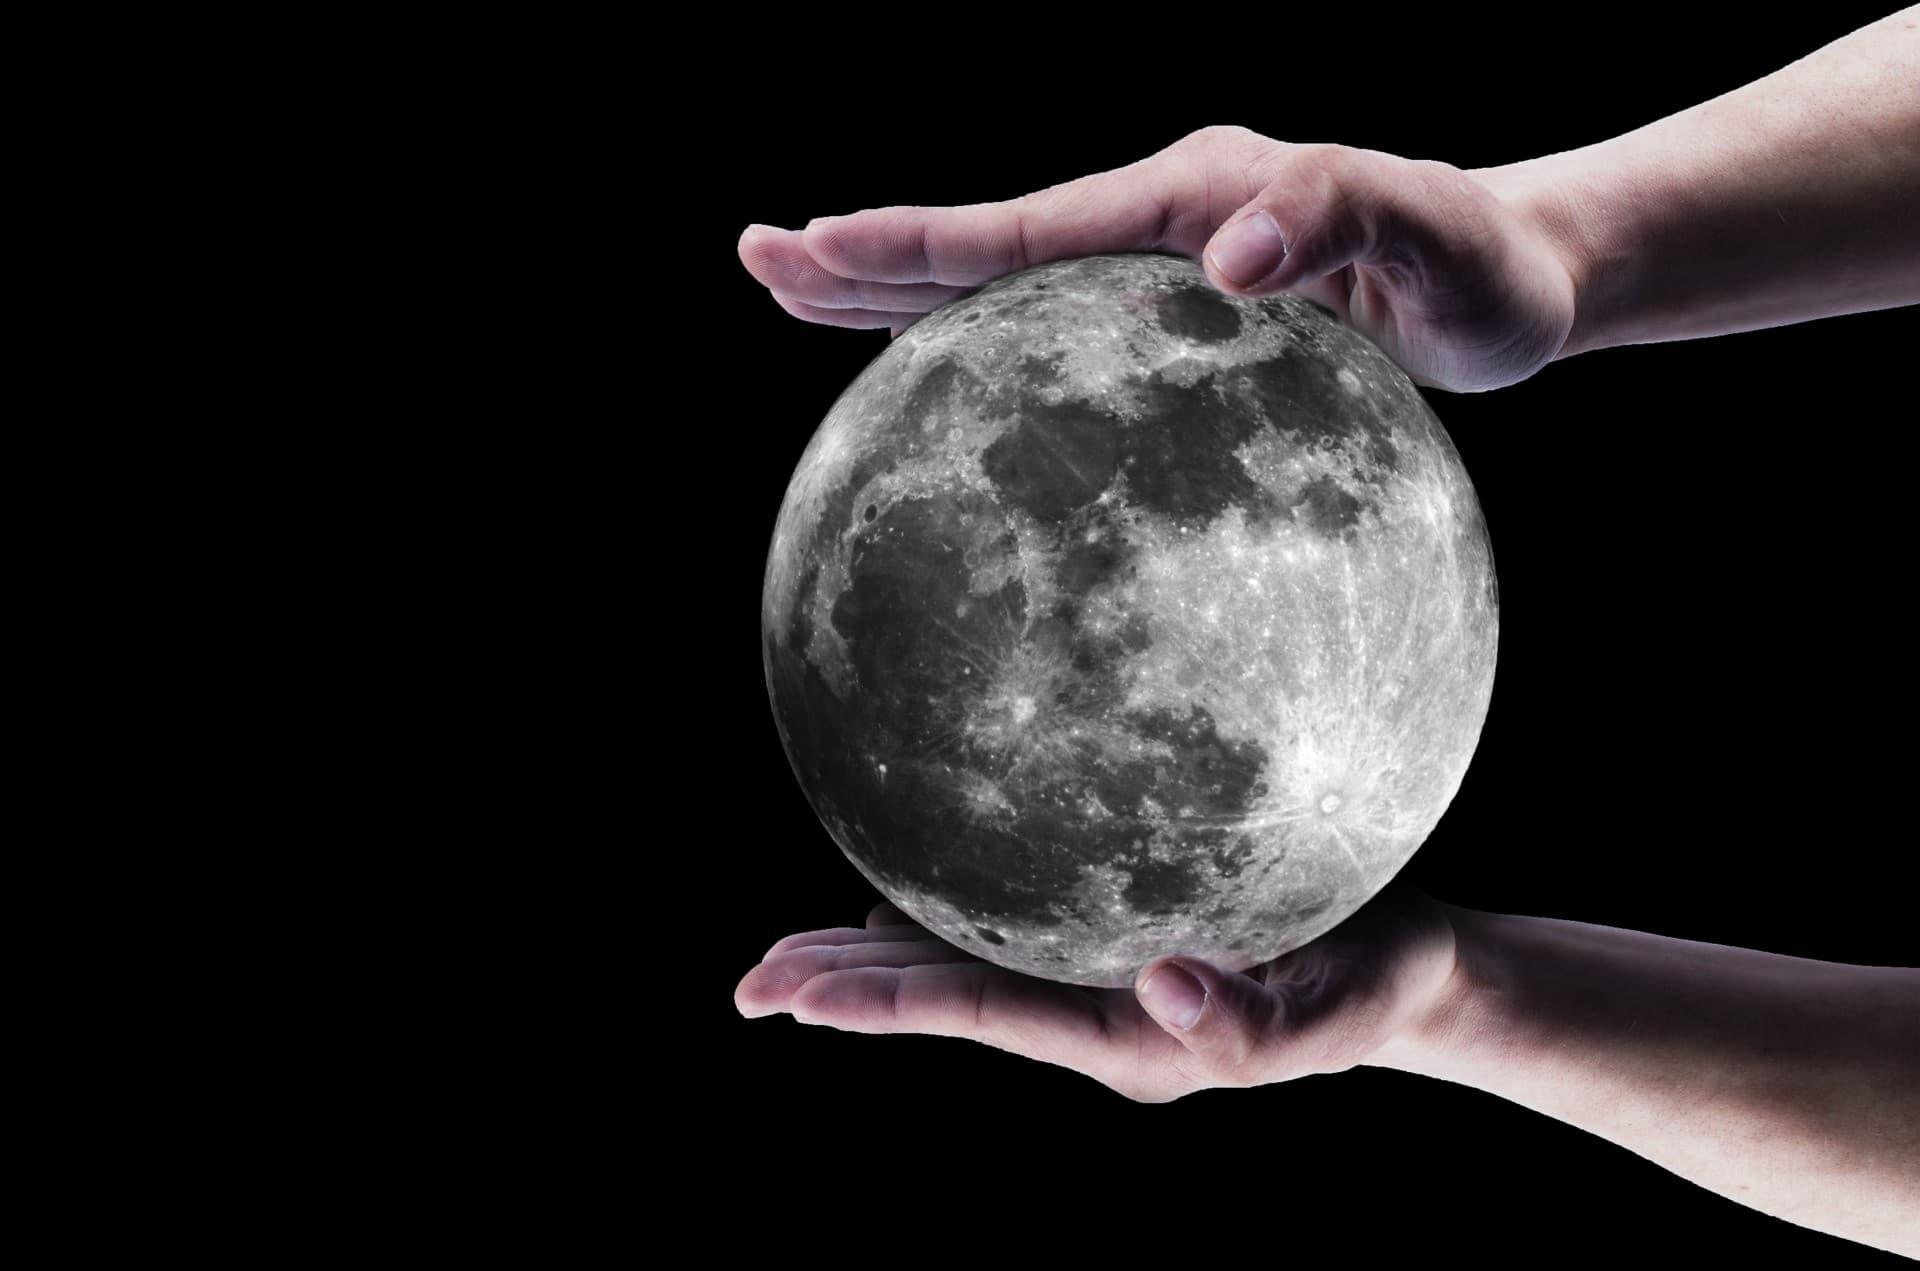 הירח בכף ידכם